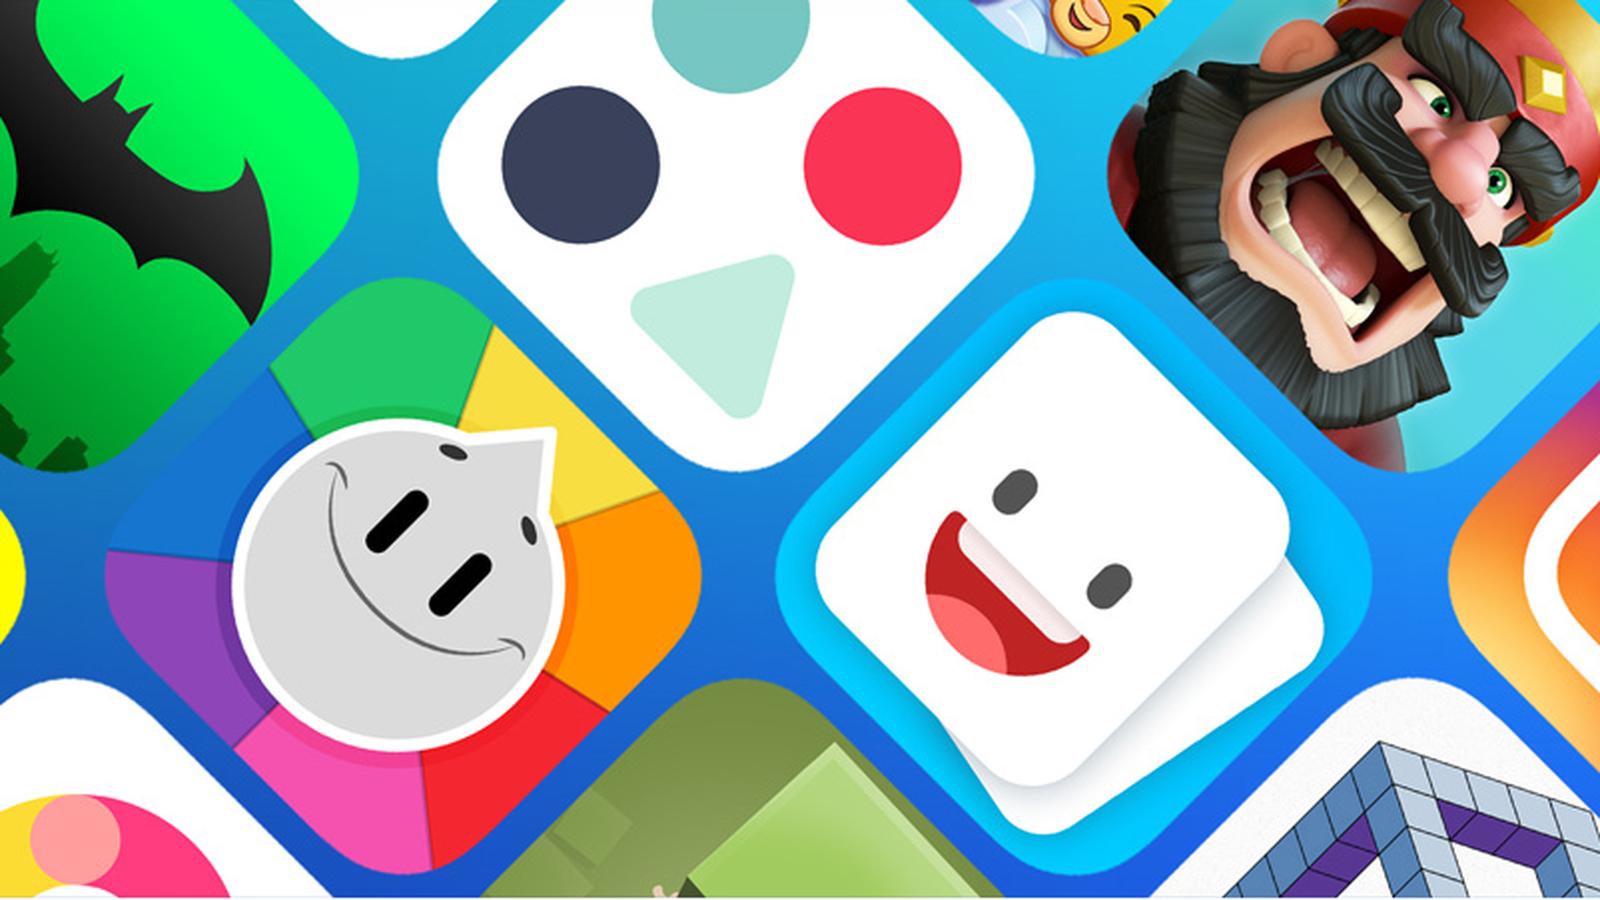 2018an, 113 bilioi aplikazio deskargatu ziren App Store-tik eta Google Play-tik!